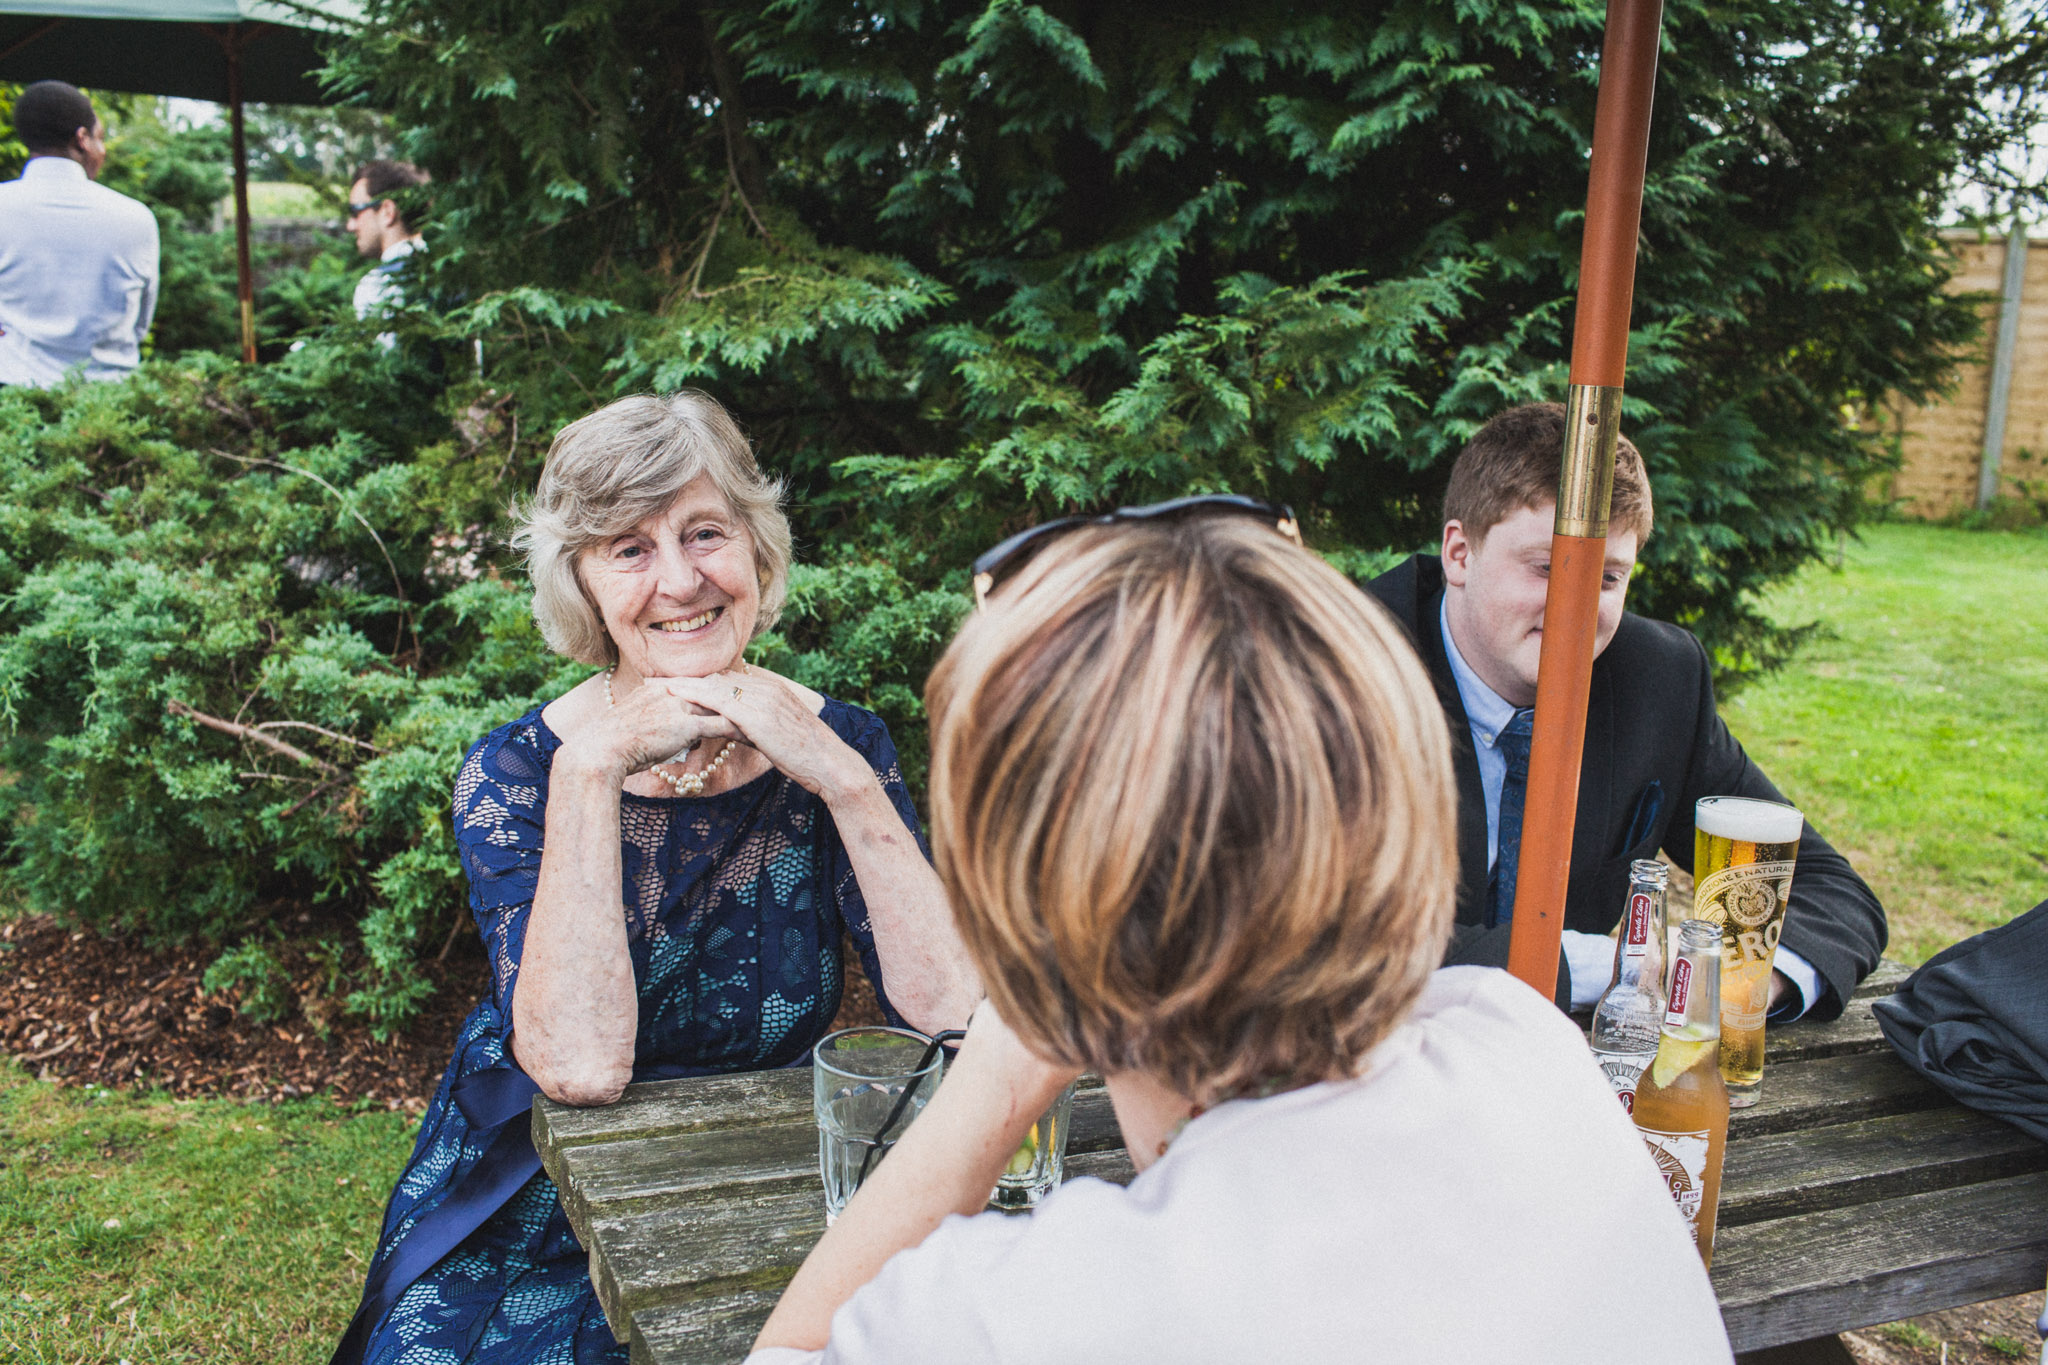 lewes_wedding_photographer_0070.jpg